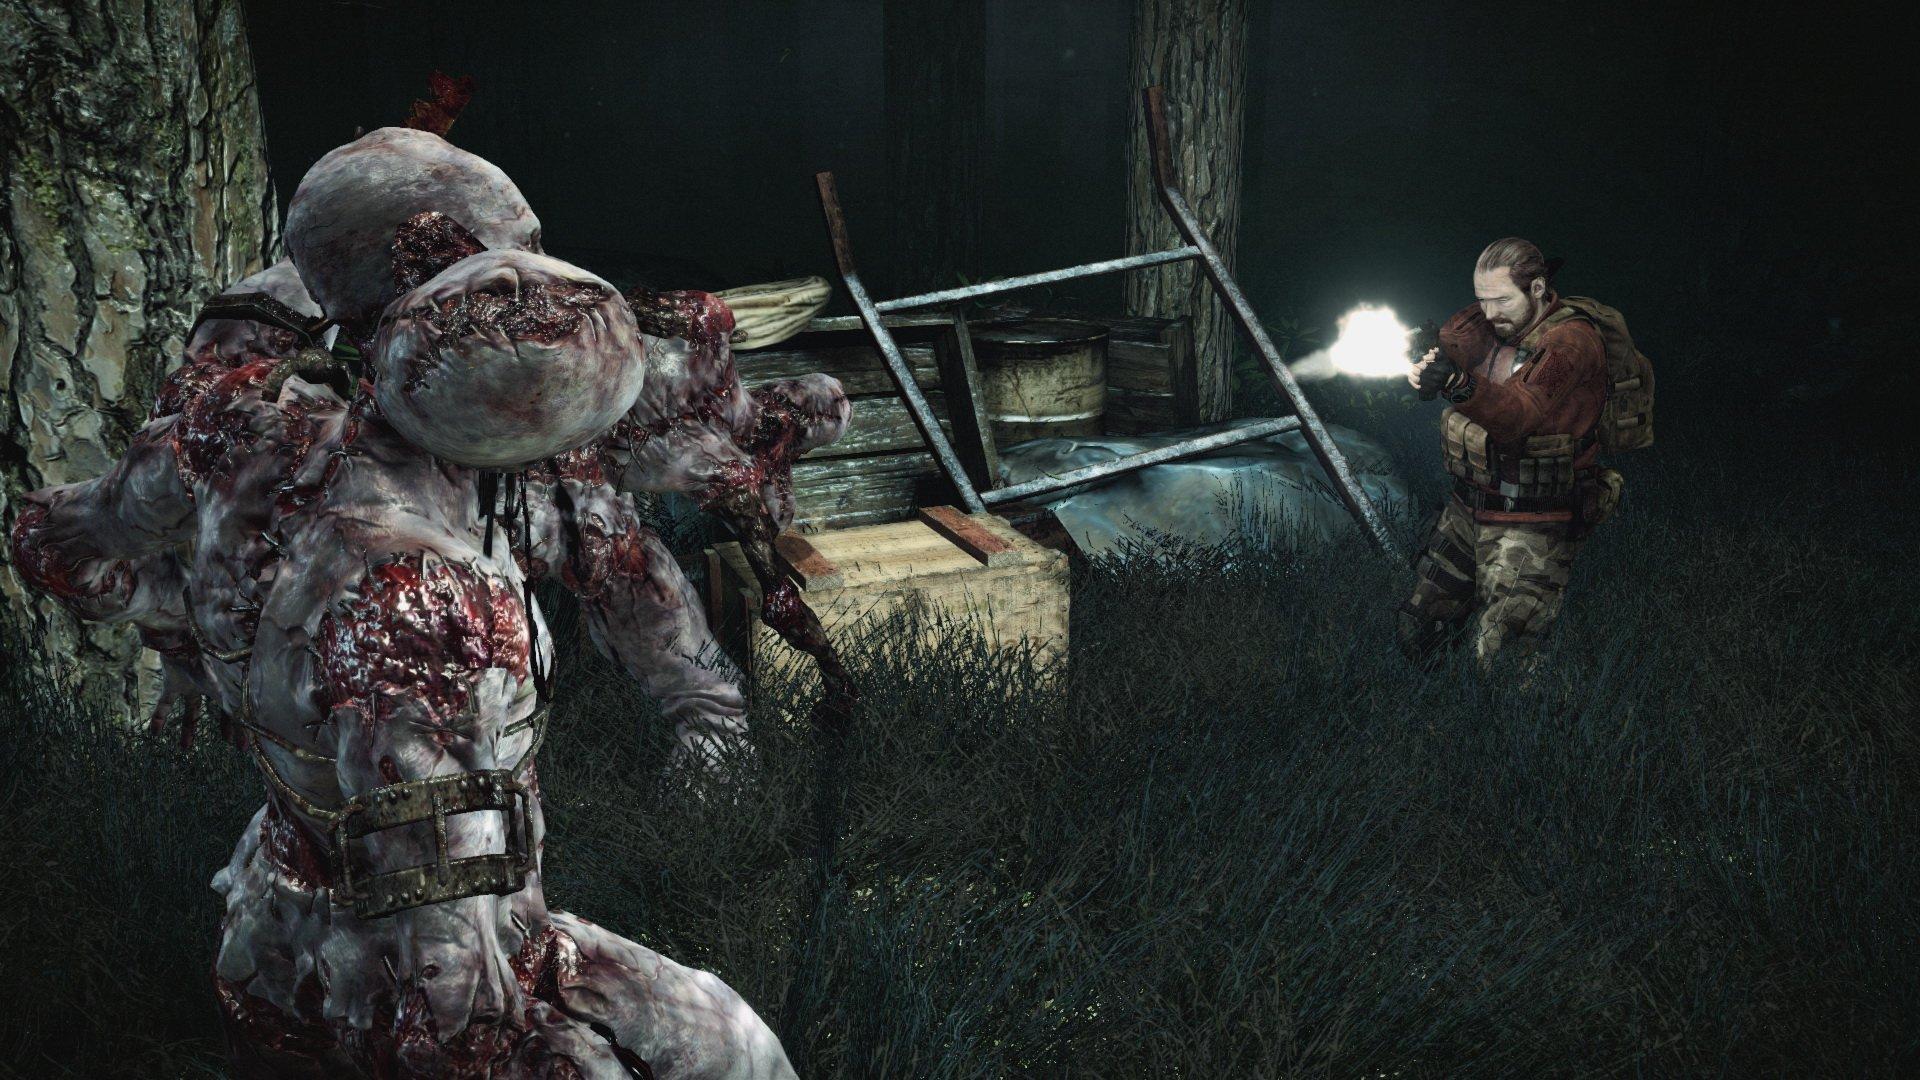 Code Casino Resident Evil Revelations 2